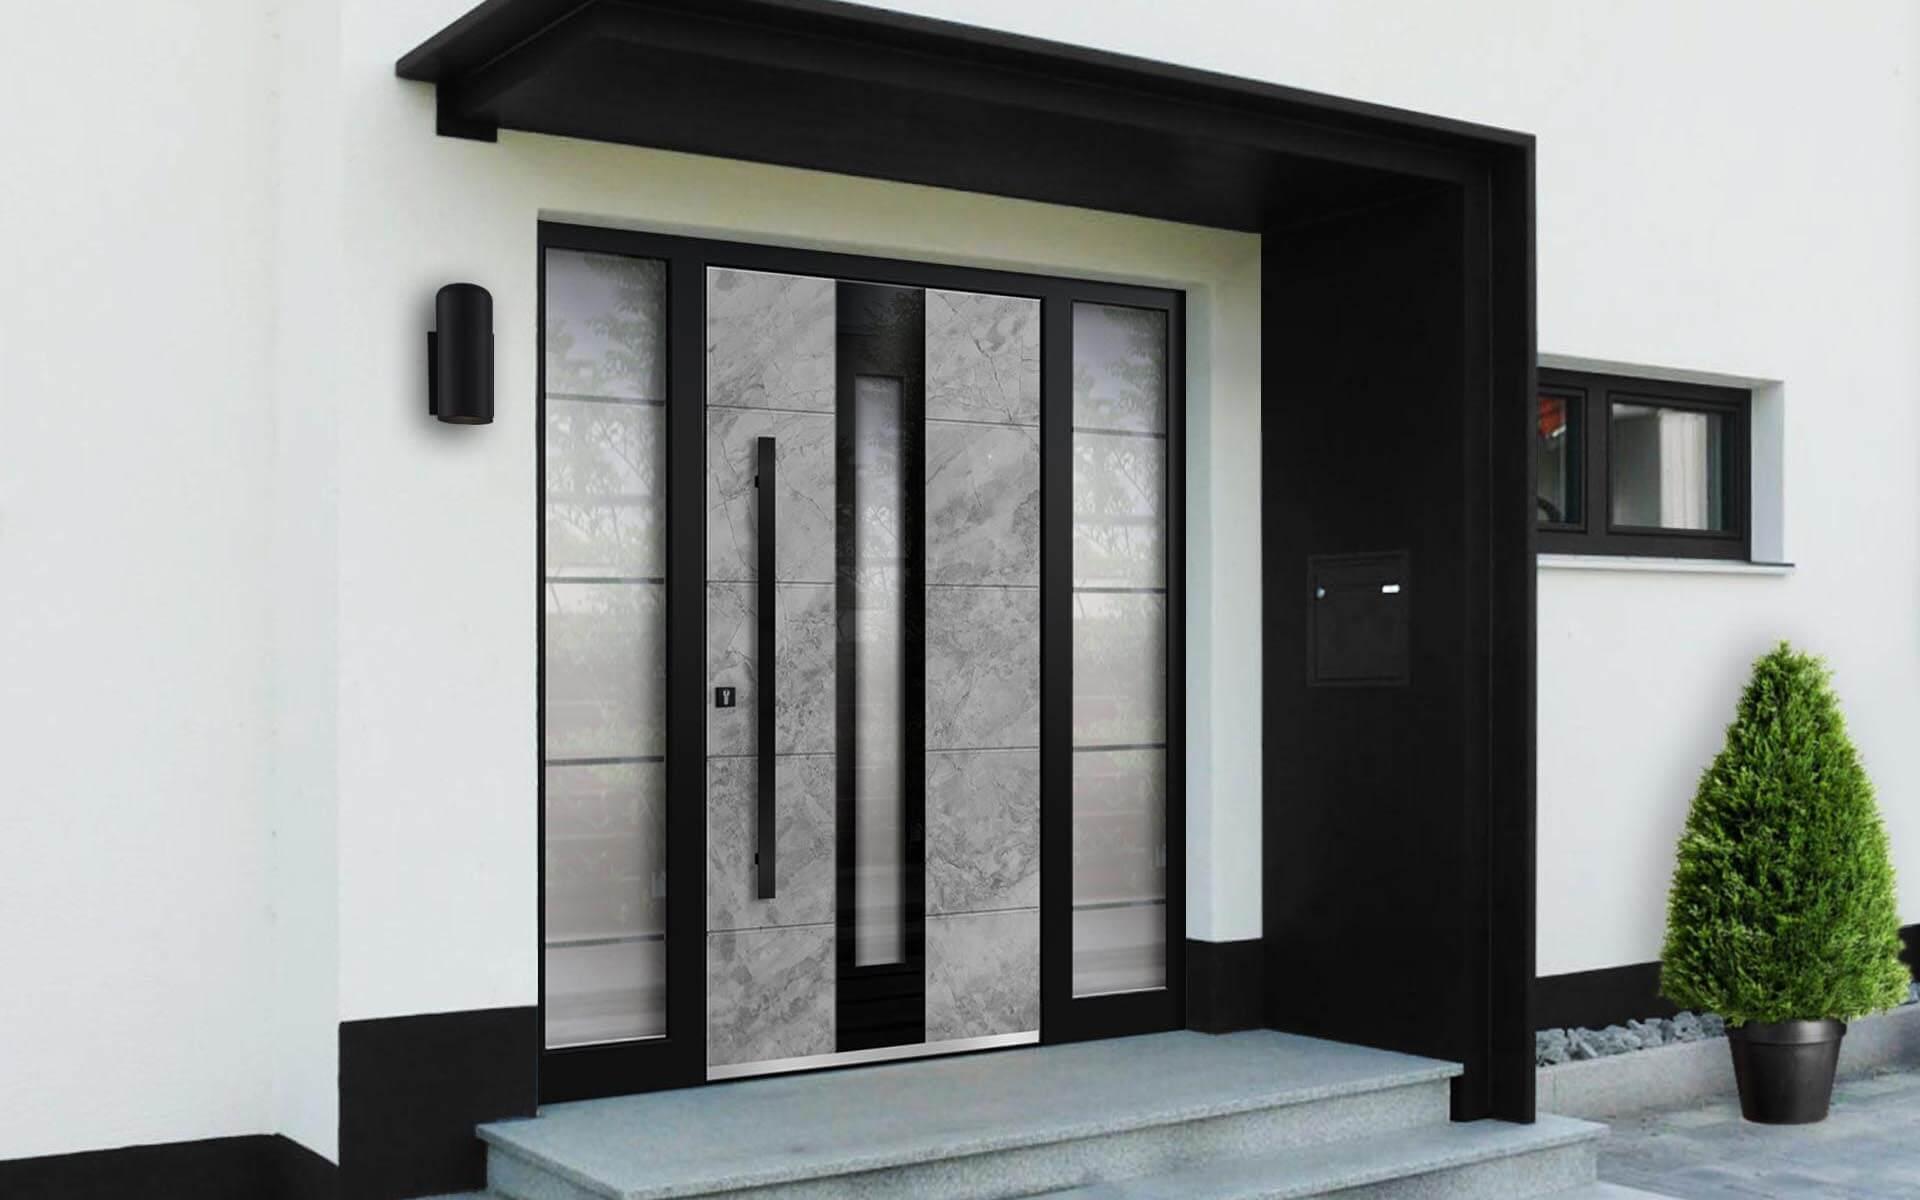 Hliníkové vchodové dvere so svetlíkom AVF-G-7703 v prevedení kameň a farbe RAL 9005